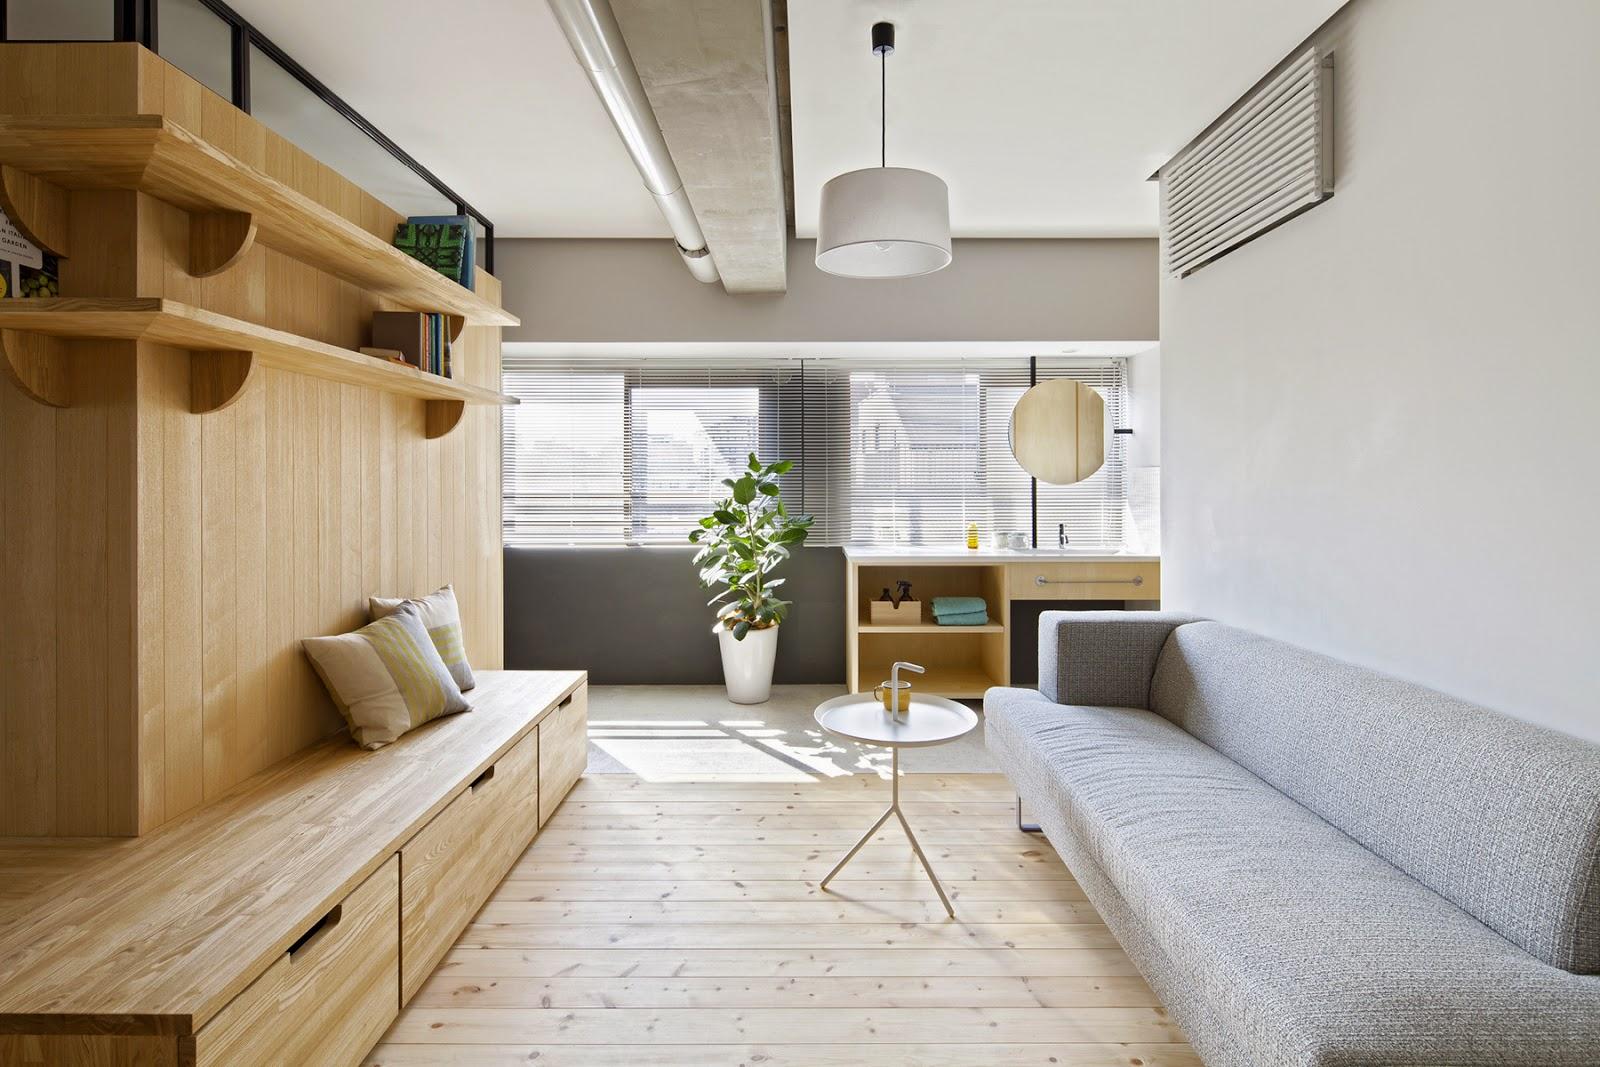 Wohnen auf japanisch: minimalistisches Design mit klaren Möbeln